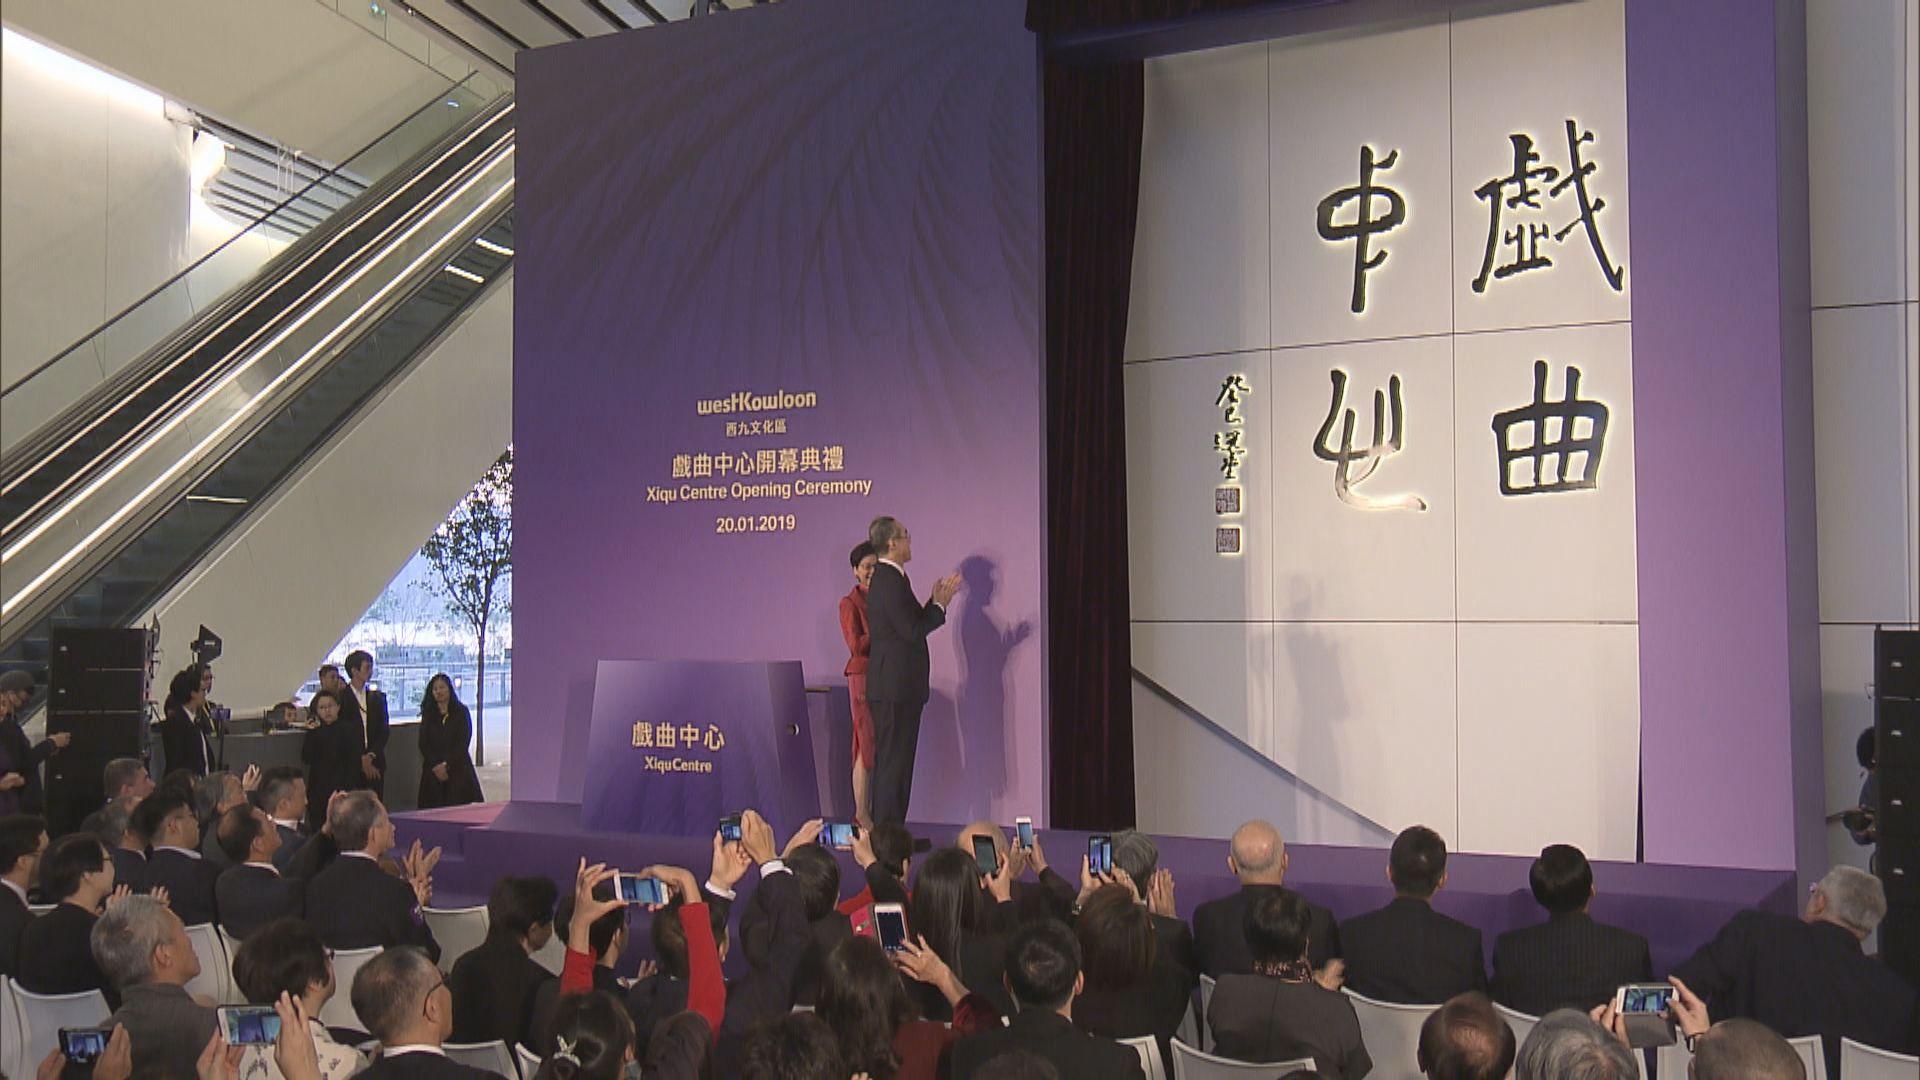 西九文化區戲曲中心正式開幕